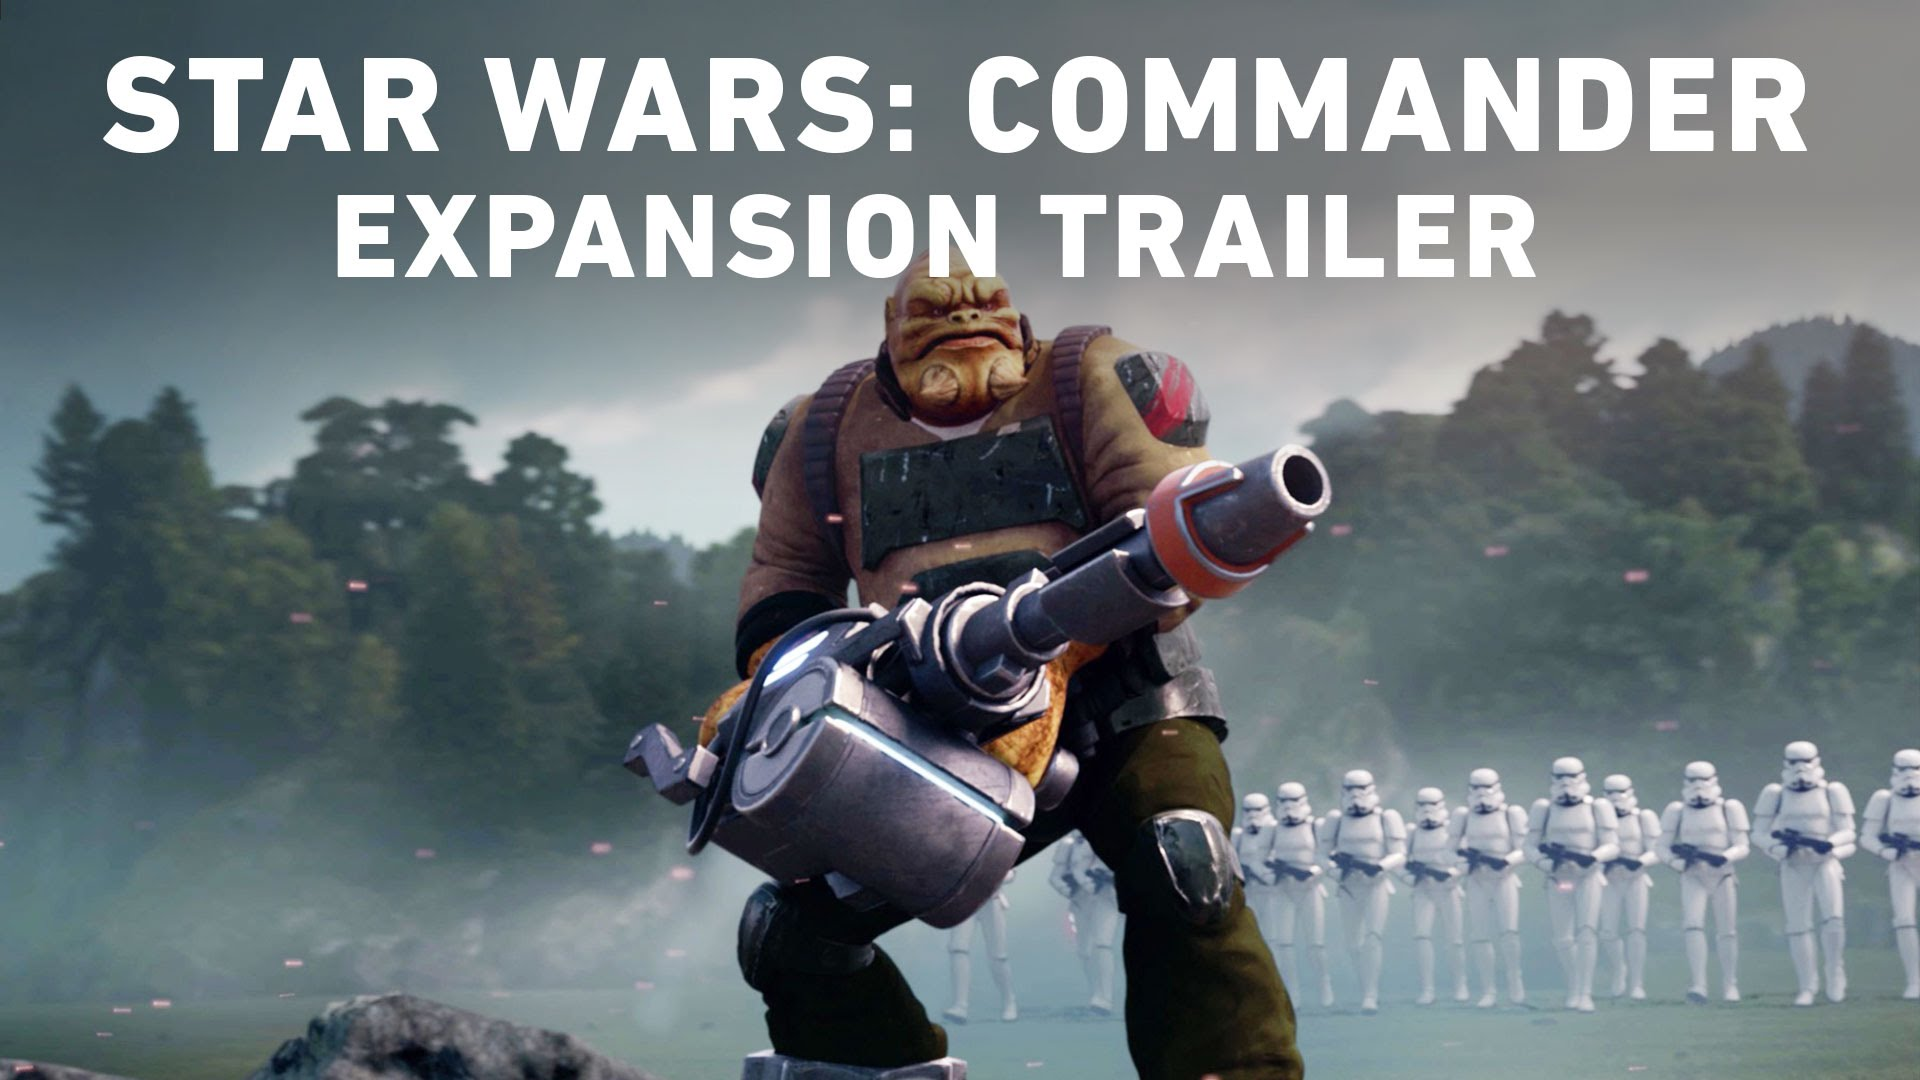 Star Wars: Commander Expansion Trailer